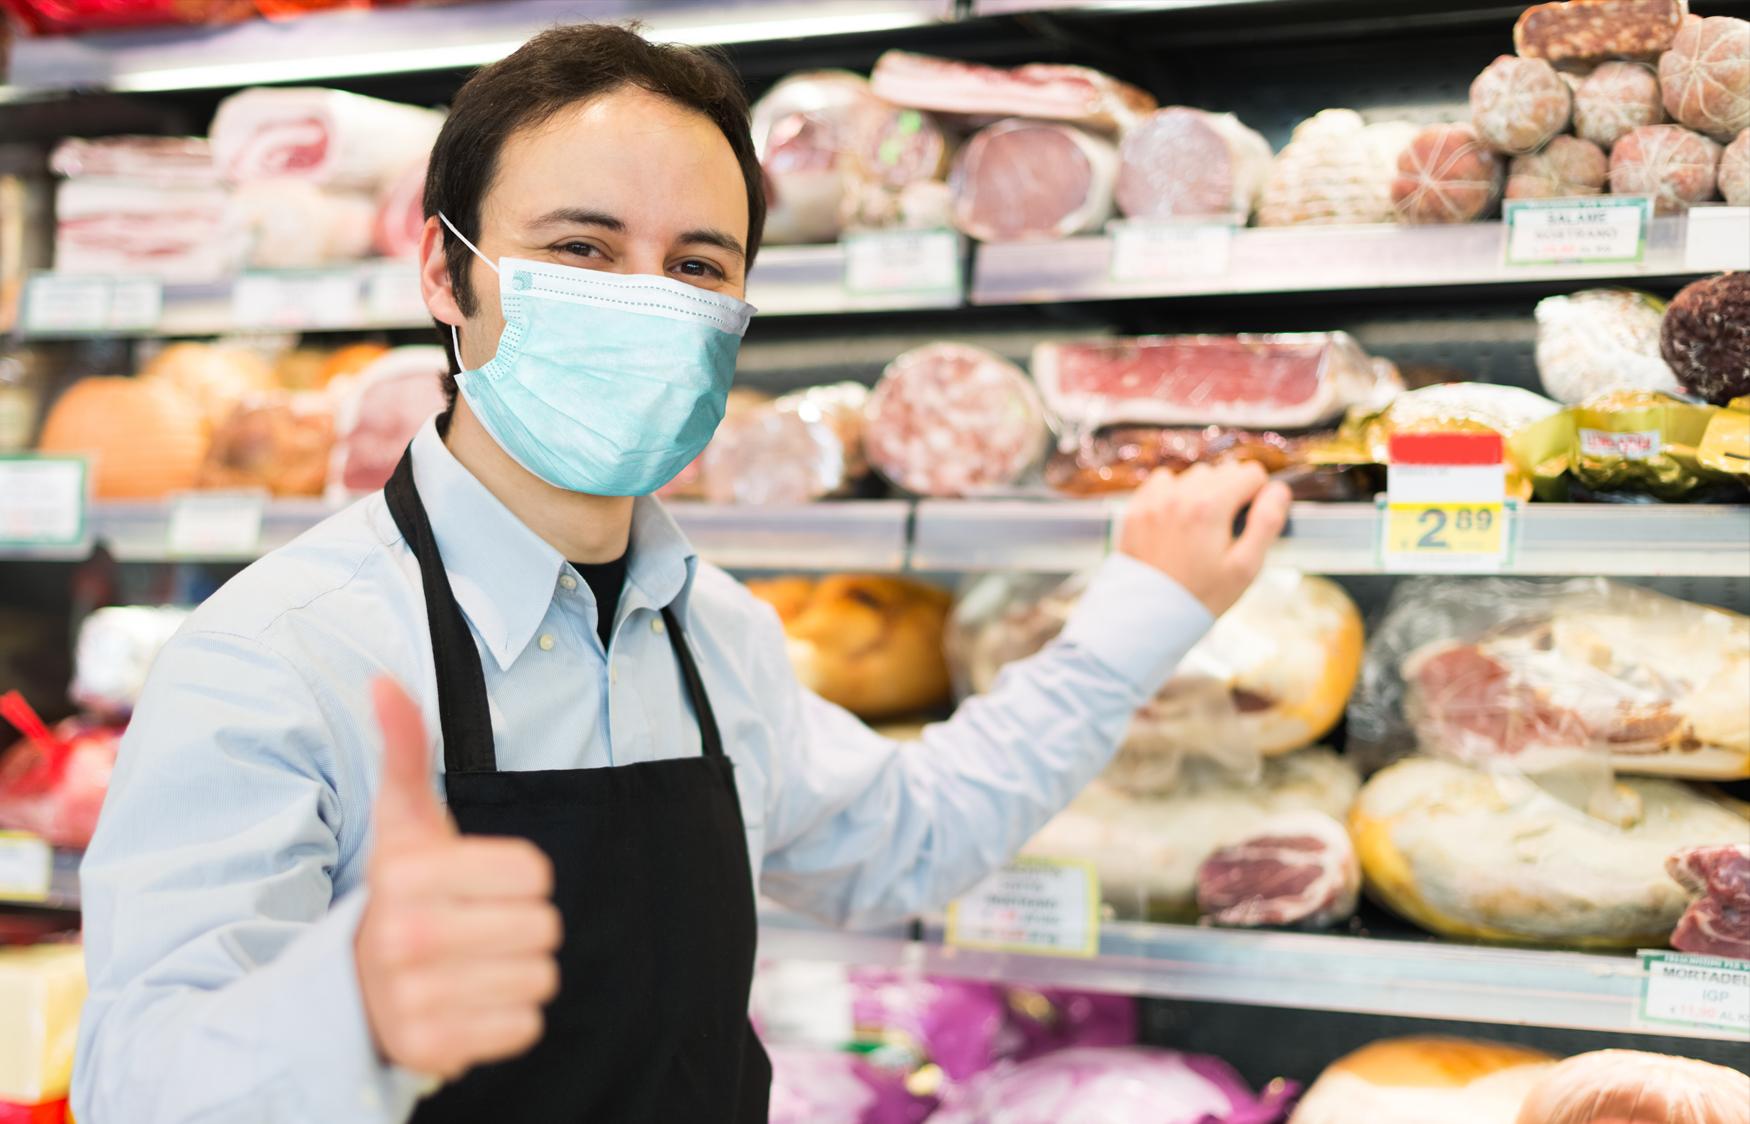 Negocios Que Crecen Con La Pandemia